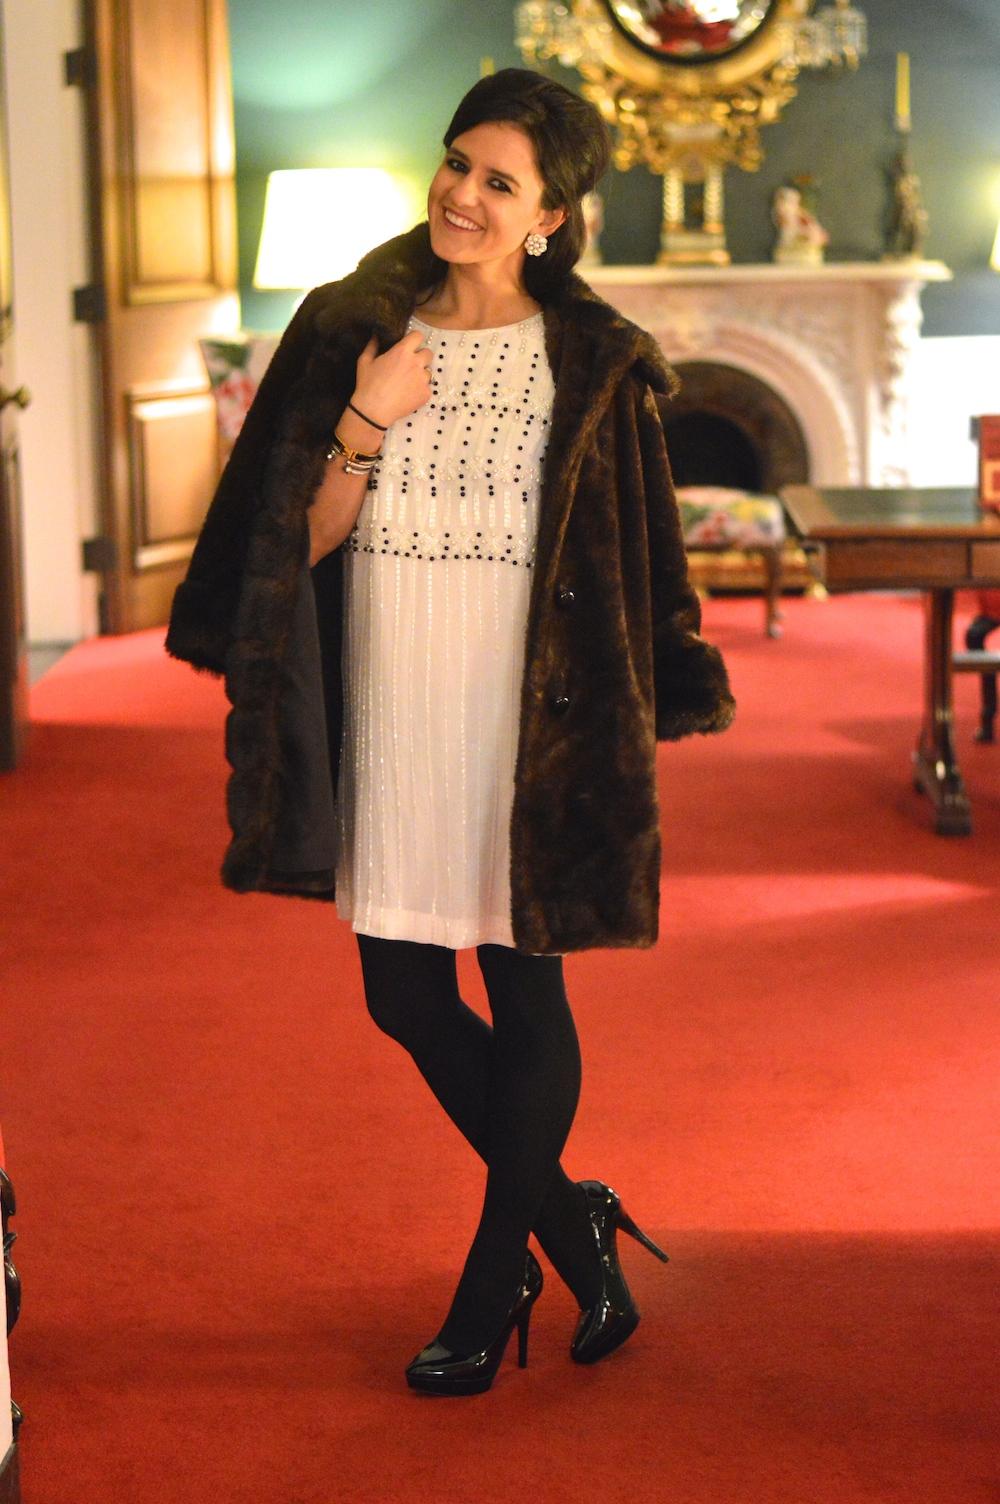 Fur Coat over White Dress